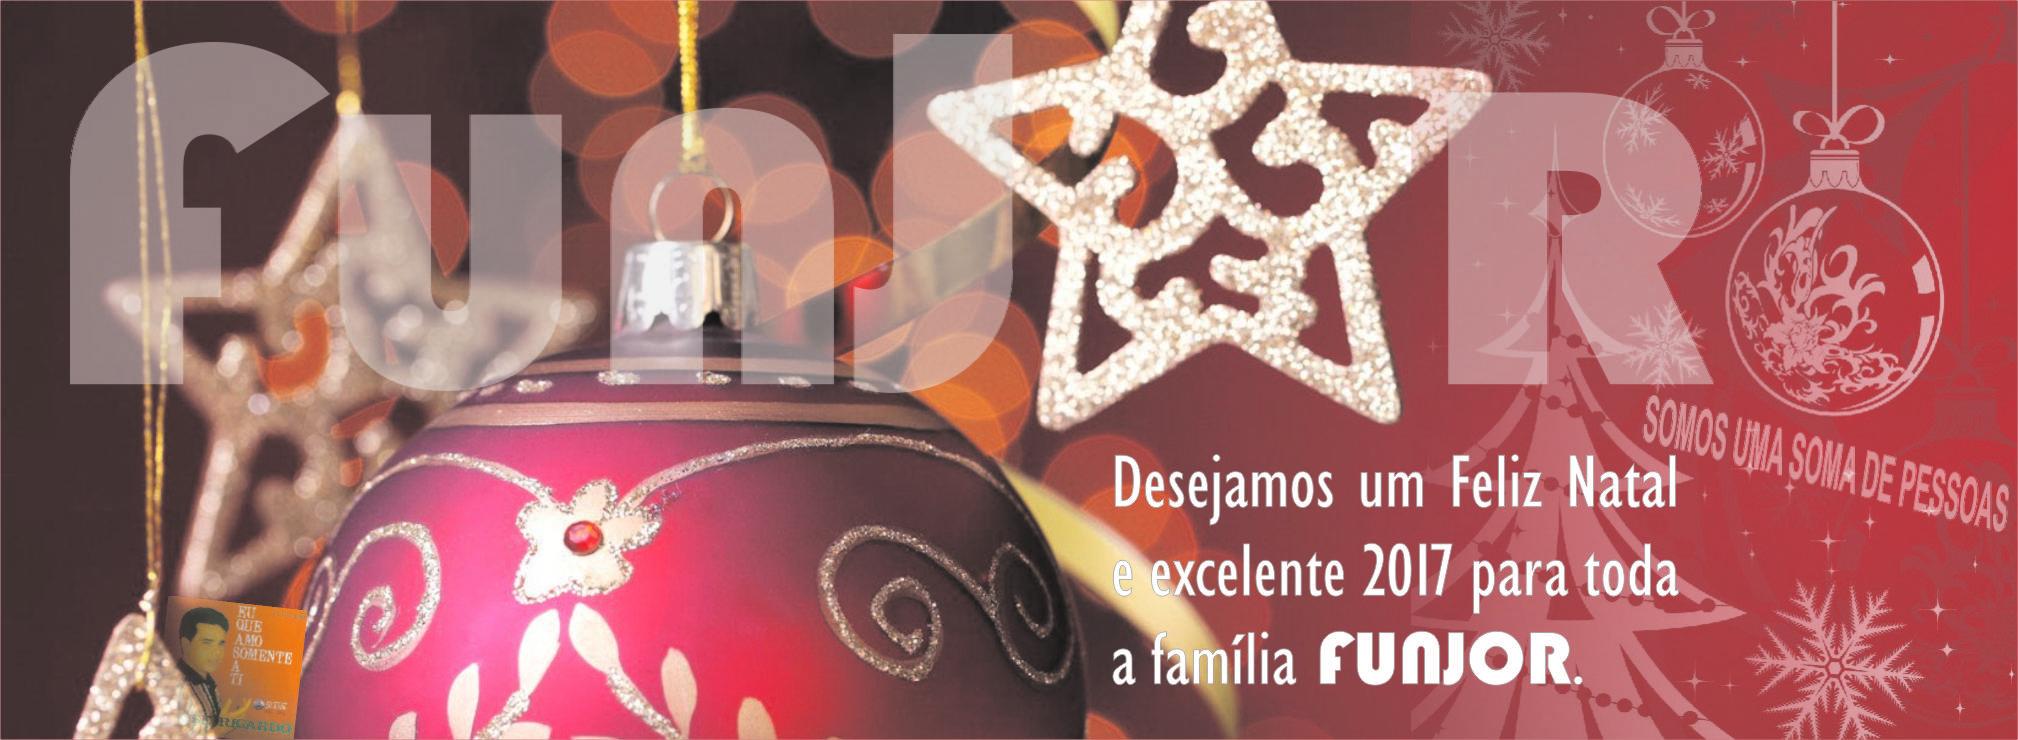 O Instituto FUNJOR deseja um Feliz Natal aos seus associados.